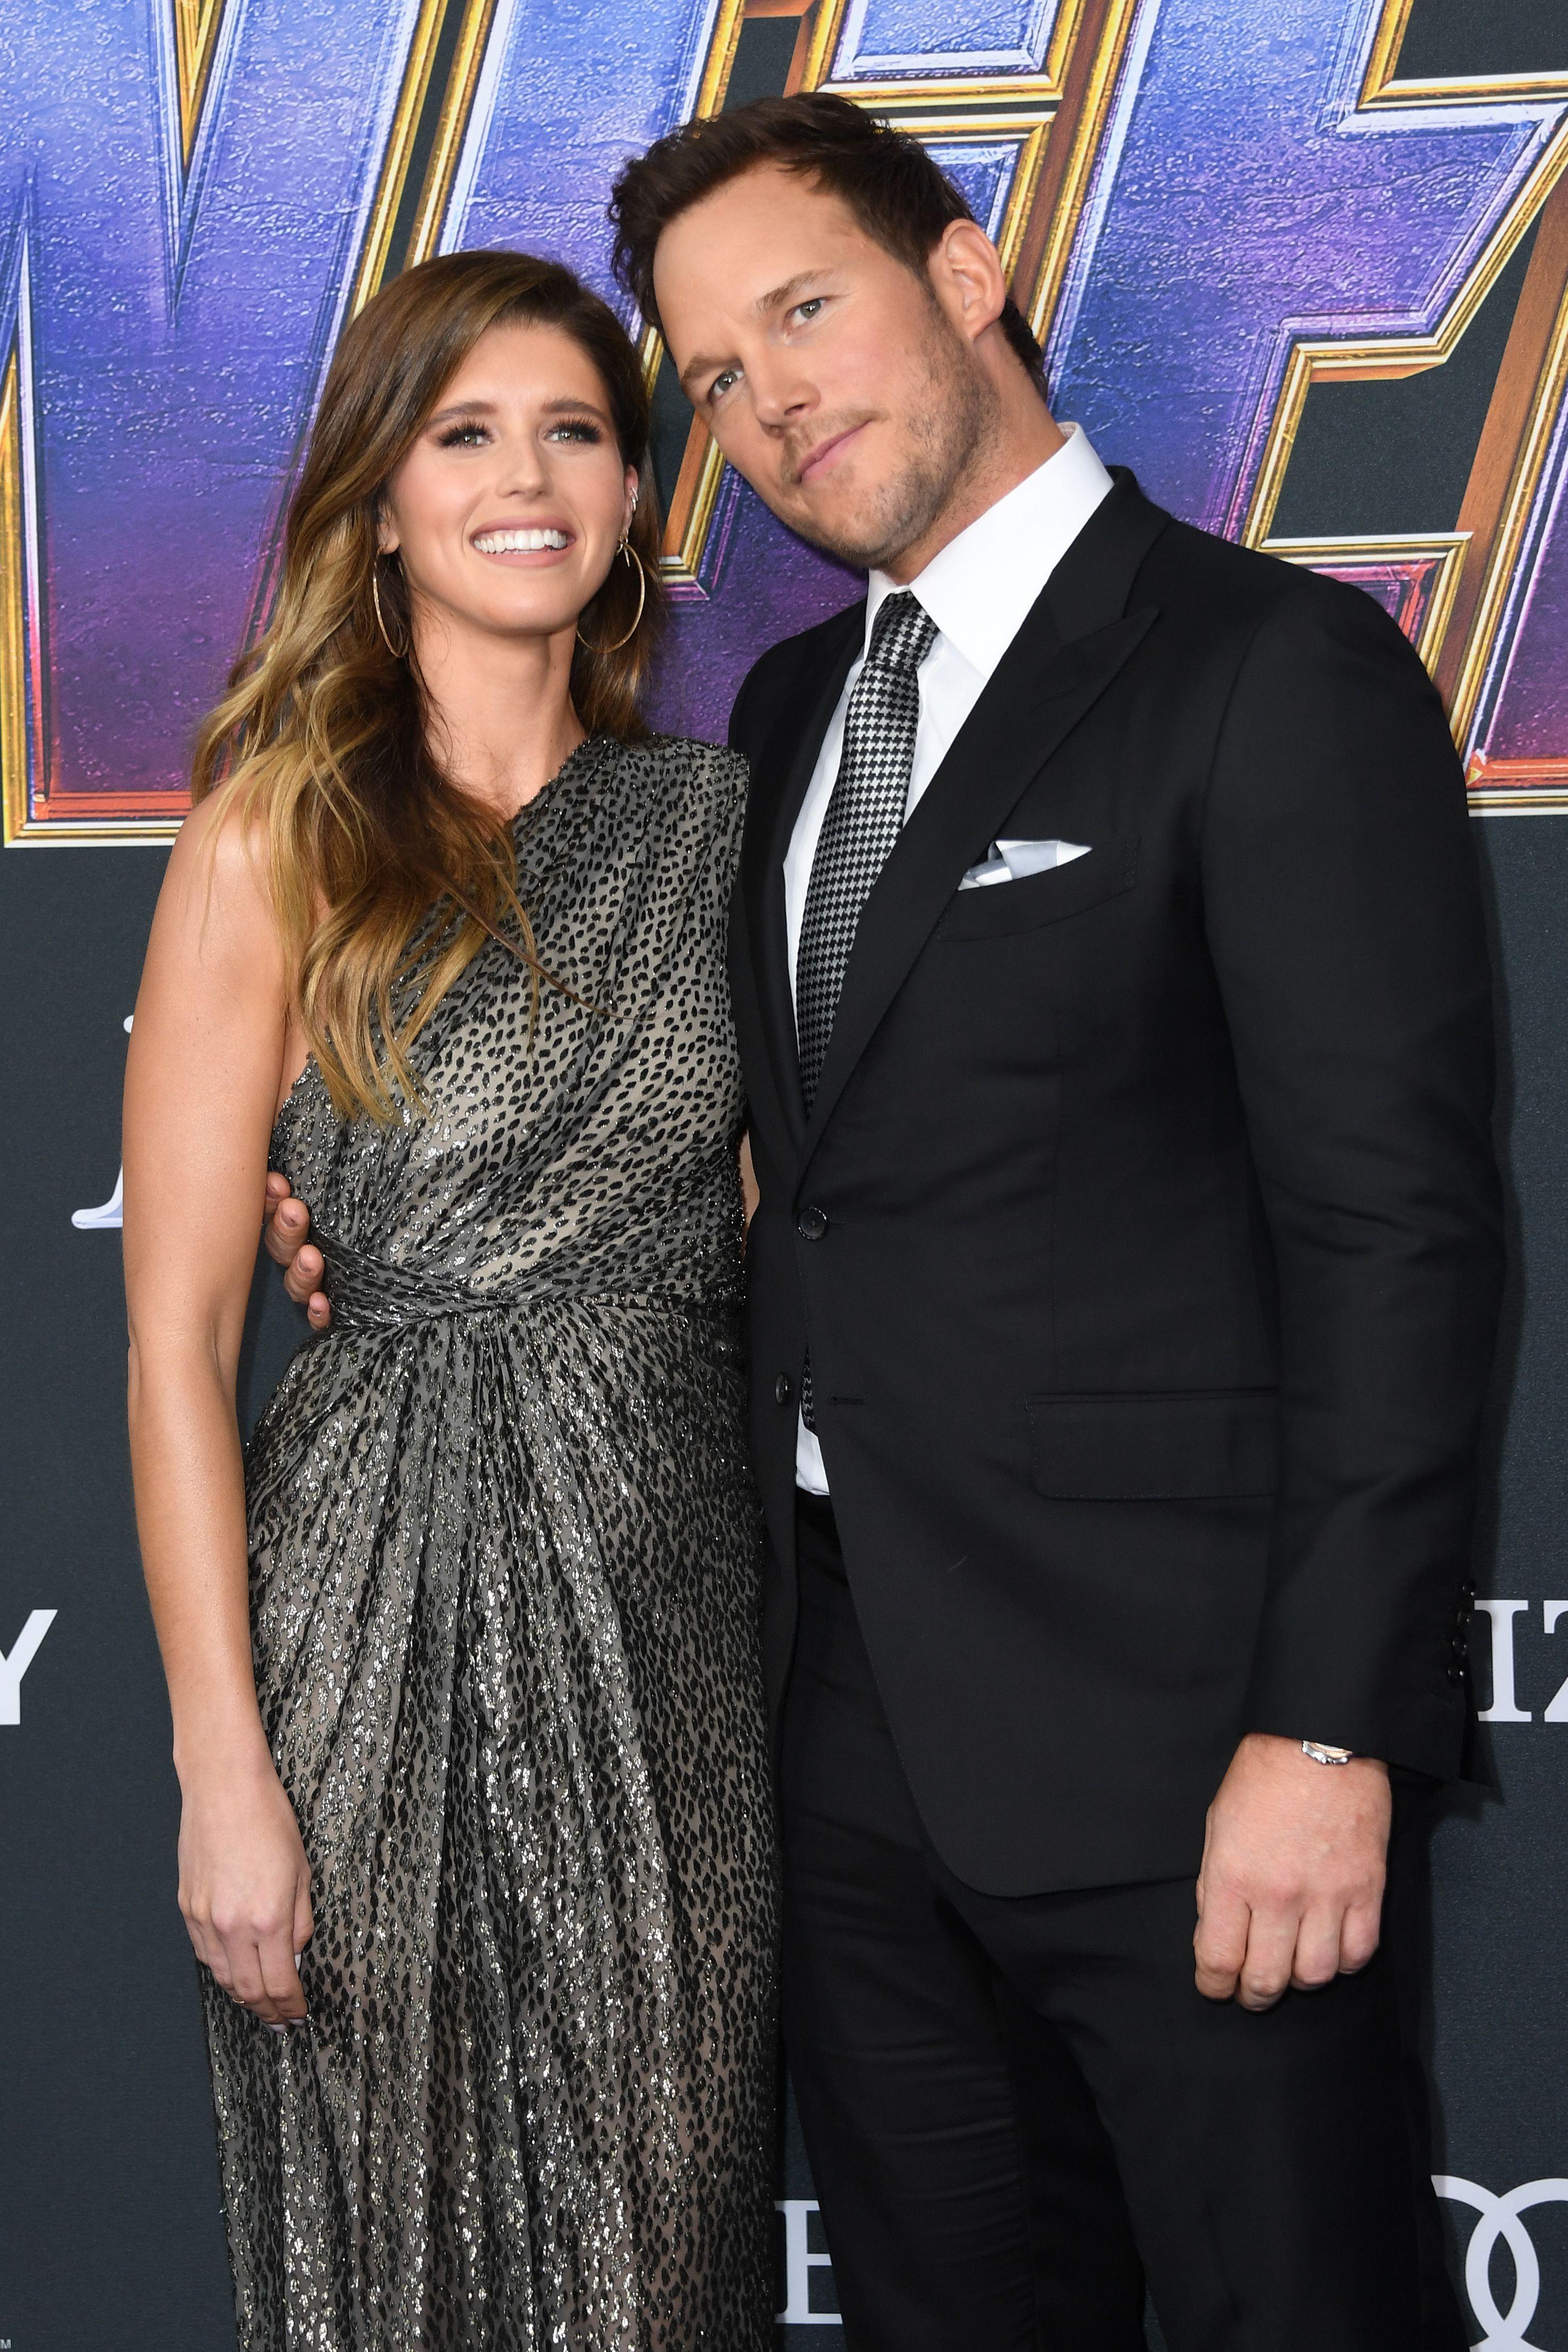 Katherine dating is who schwarzenegger Chris Pratt